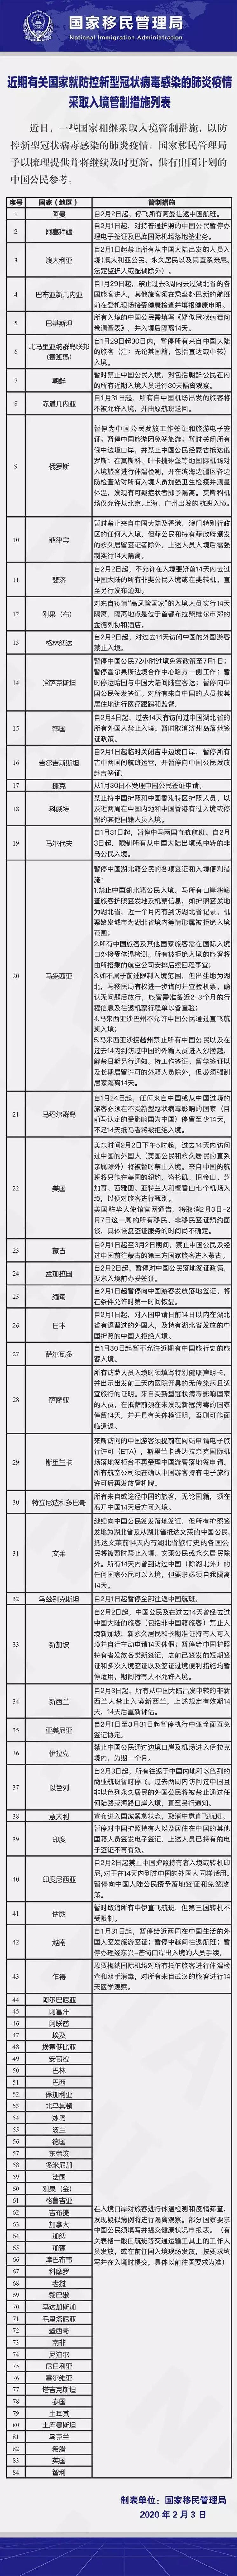 最新!美国、新加坡、澳大利亚、菲律宾对曾停靠中国港口的船舶靠港要求汇总(图6)